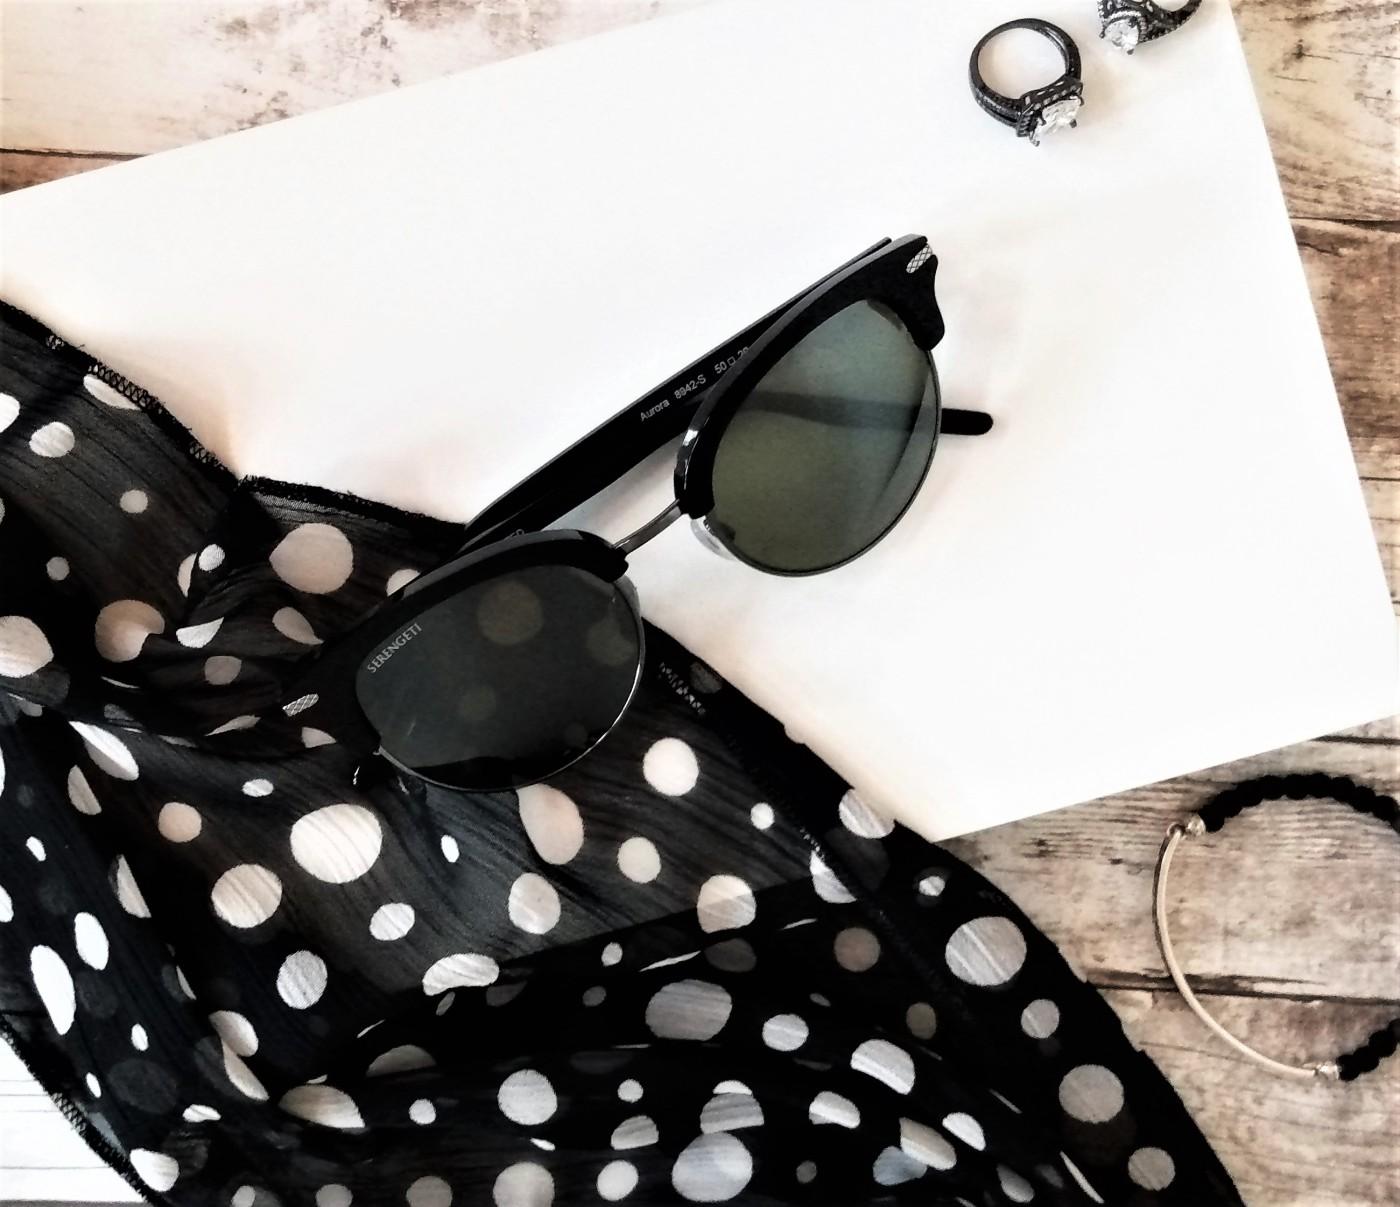 Serengeti eyewear lela sunglasses review